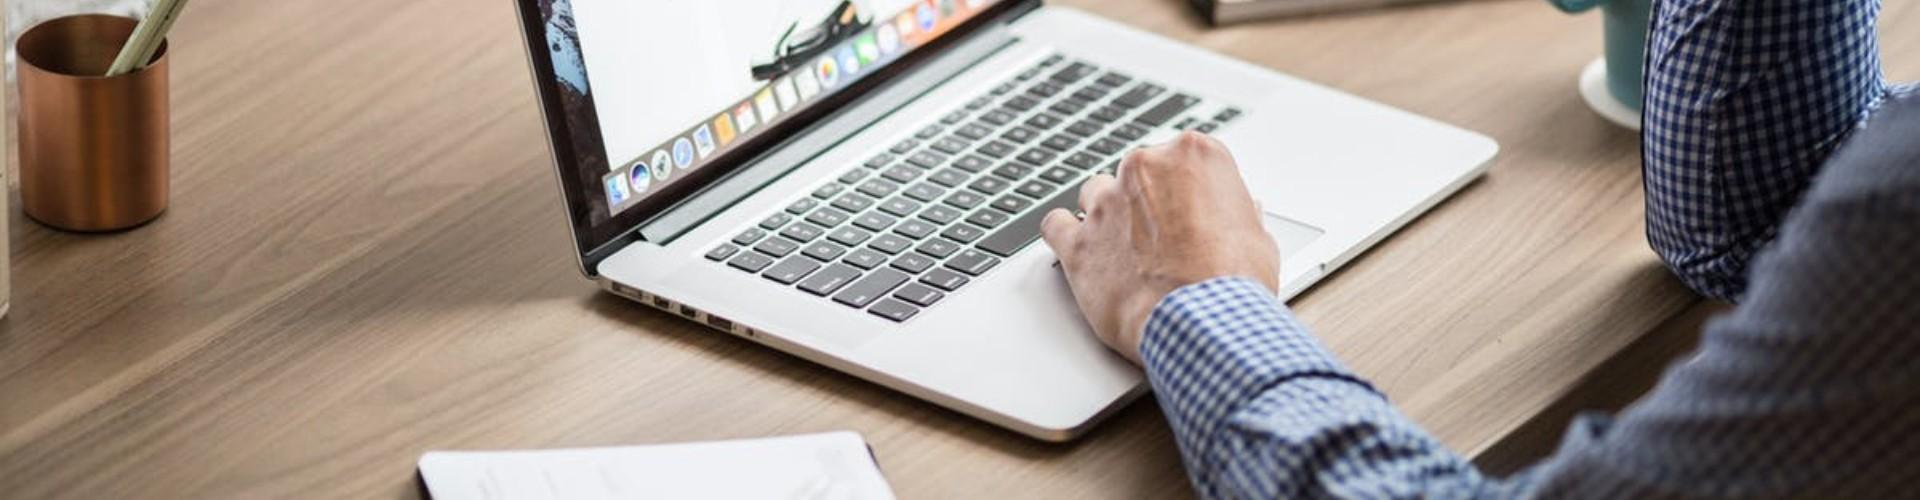 Datos Personales en el Curriculum Vitae: Qué poner y Qué No